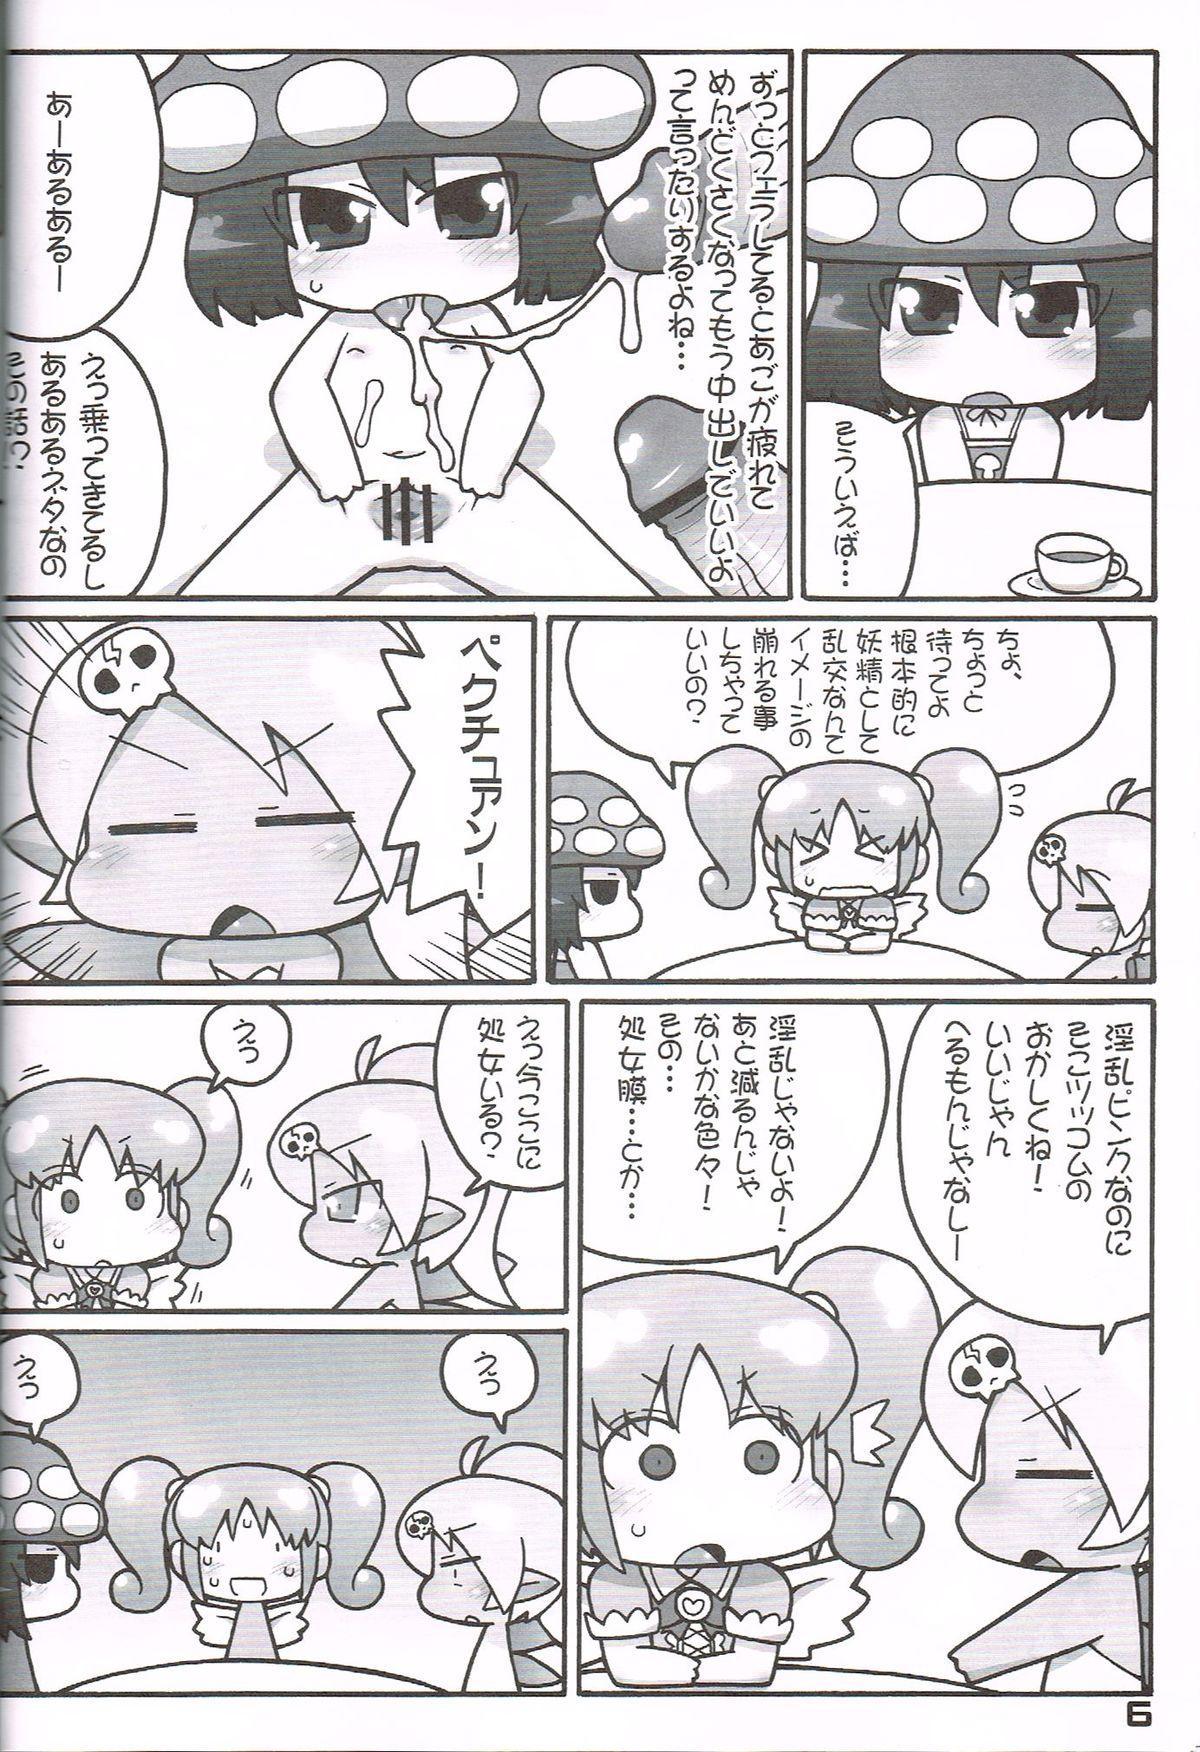 """Hatashite Konofuyu Nansatsu no Doujinshi ga """"○○ Fairies"""" Toiu Title Darouka 4"""